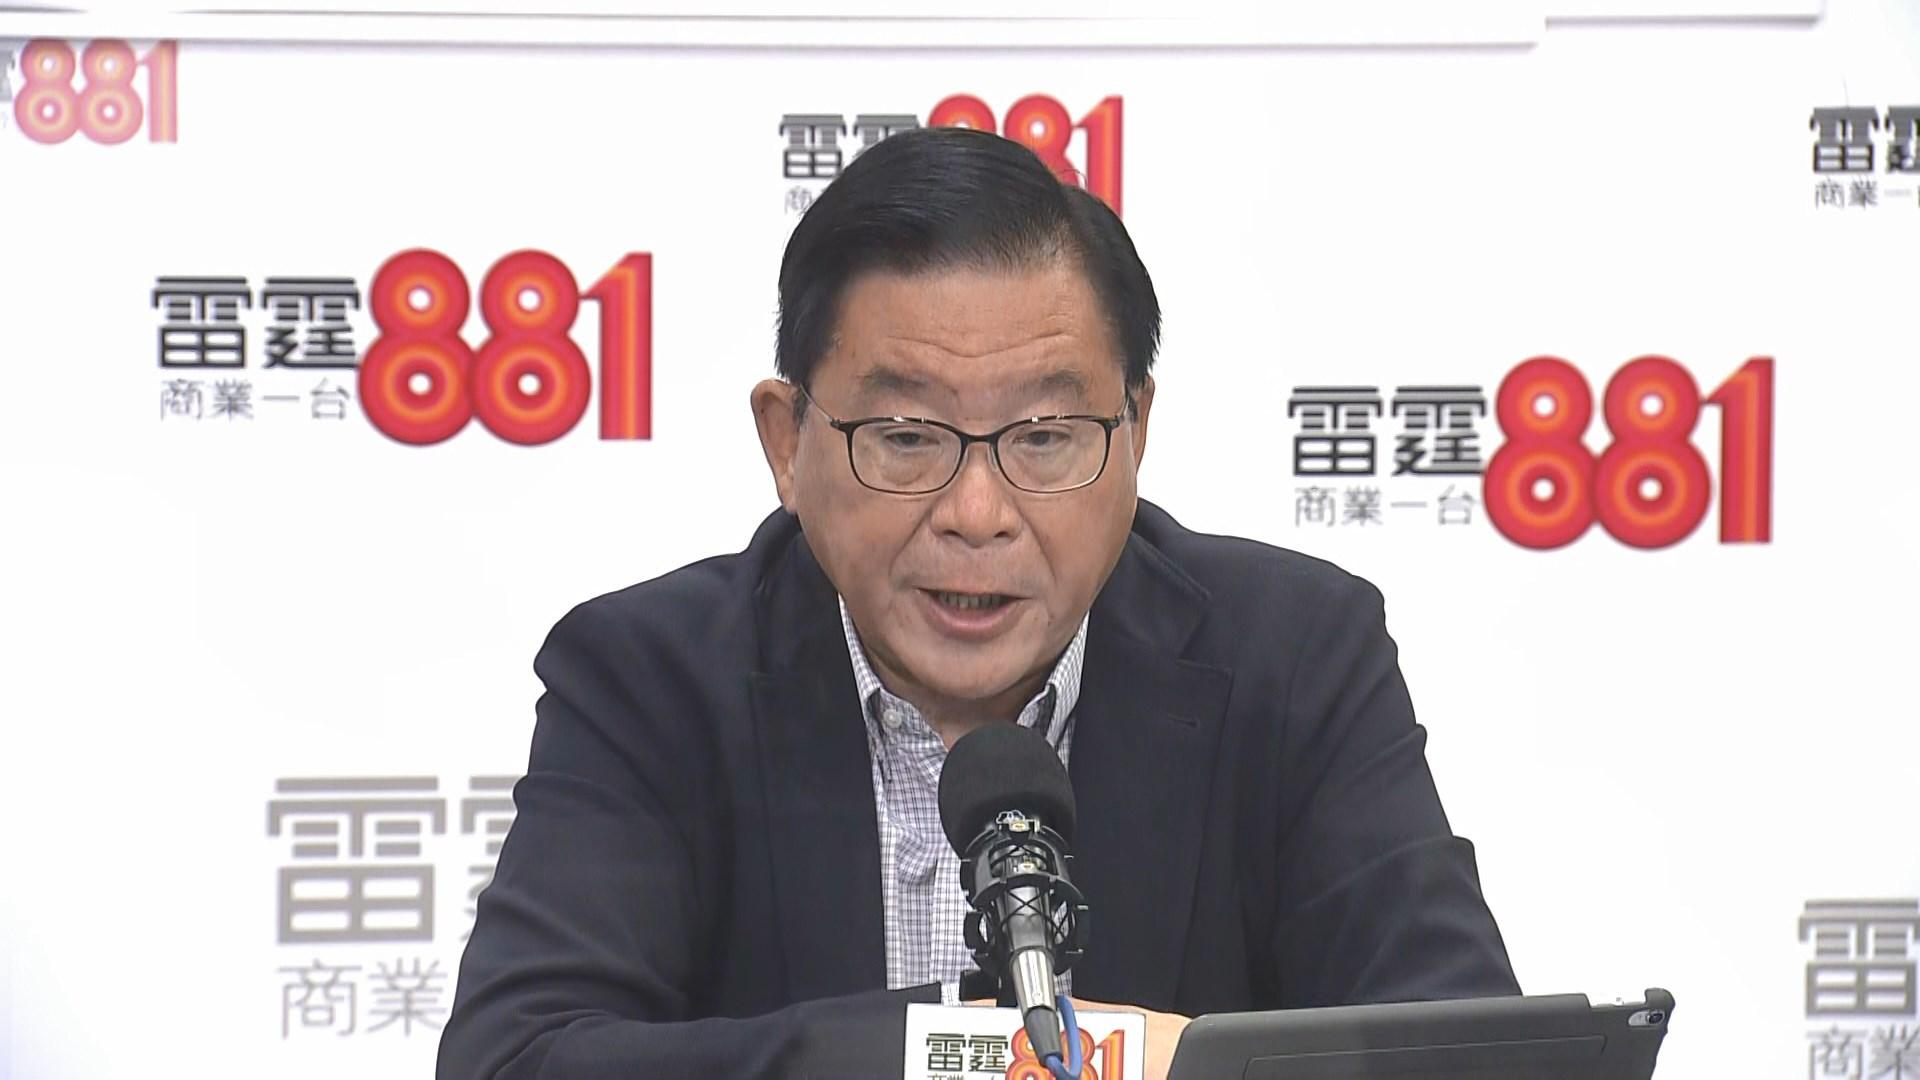 林健鋒籲示威者及政府考慮如何平息事件